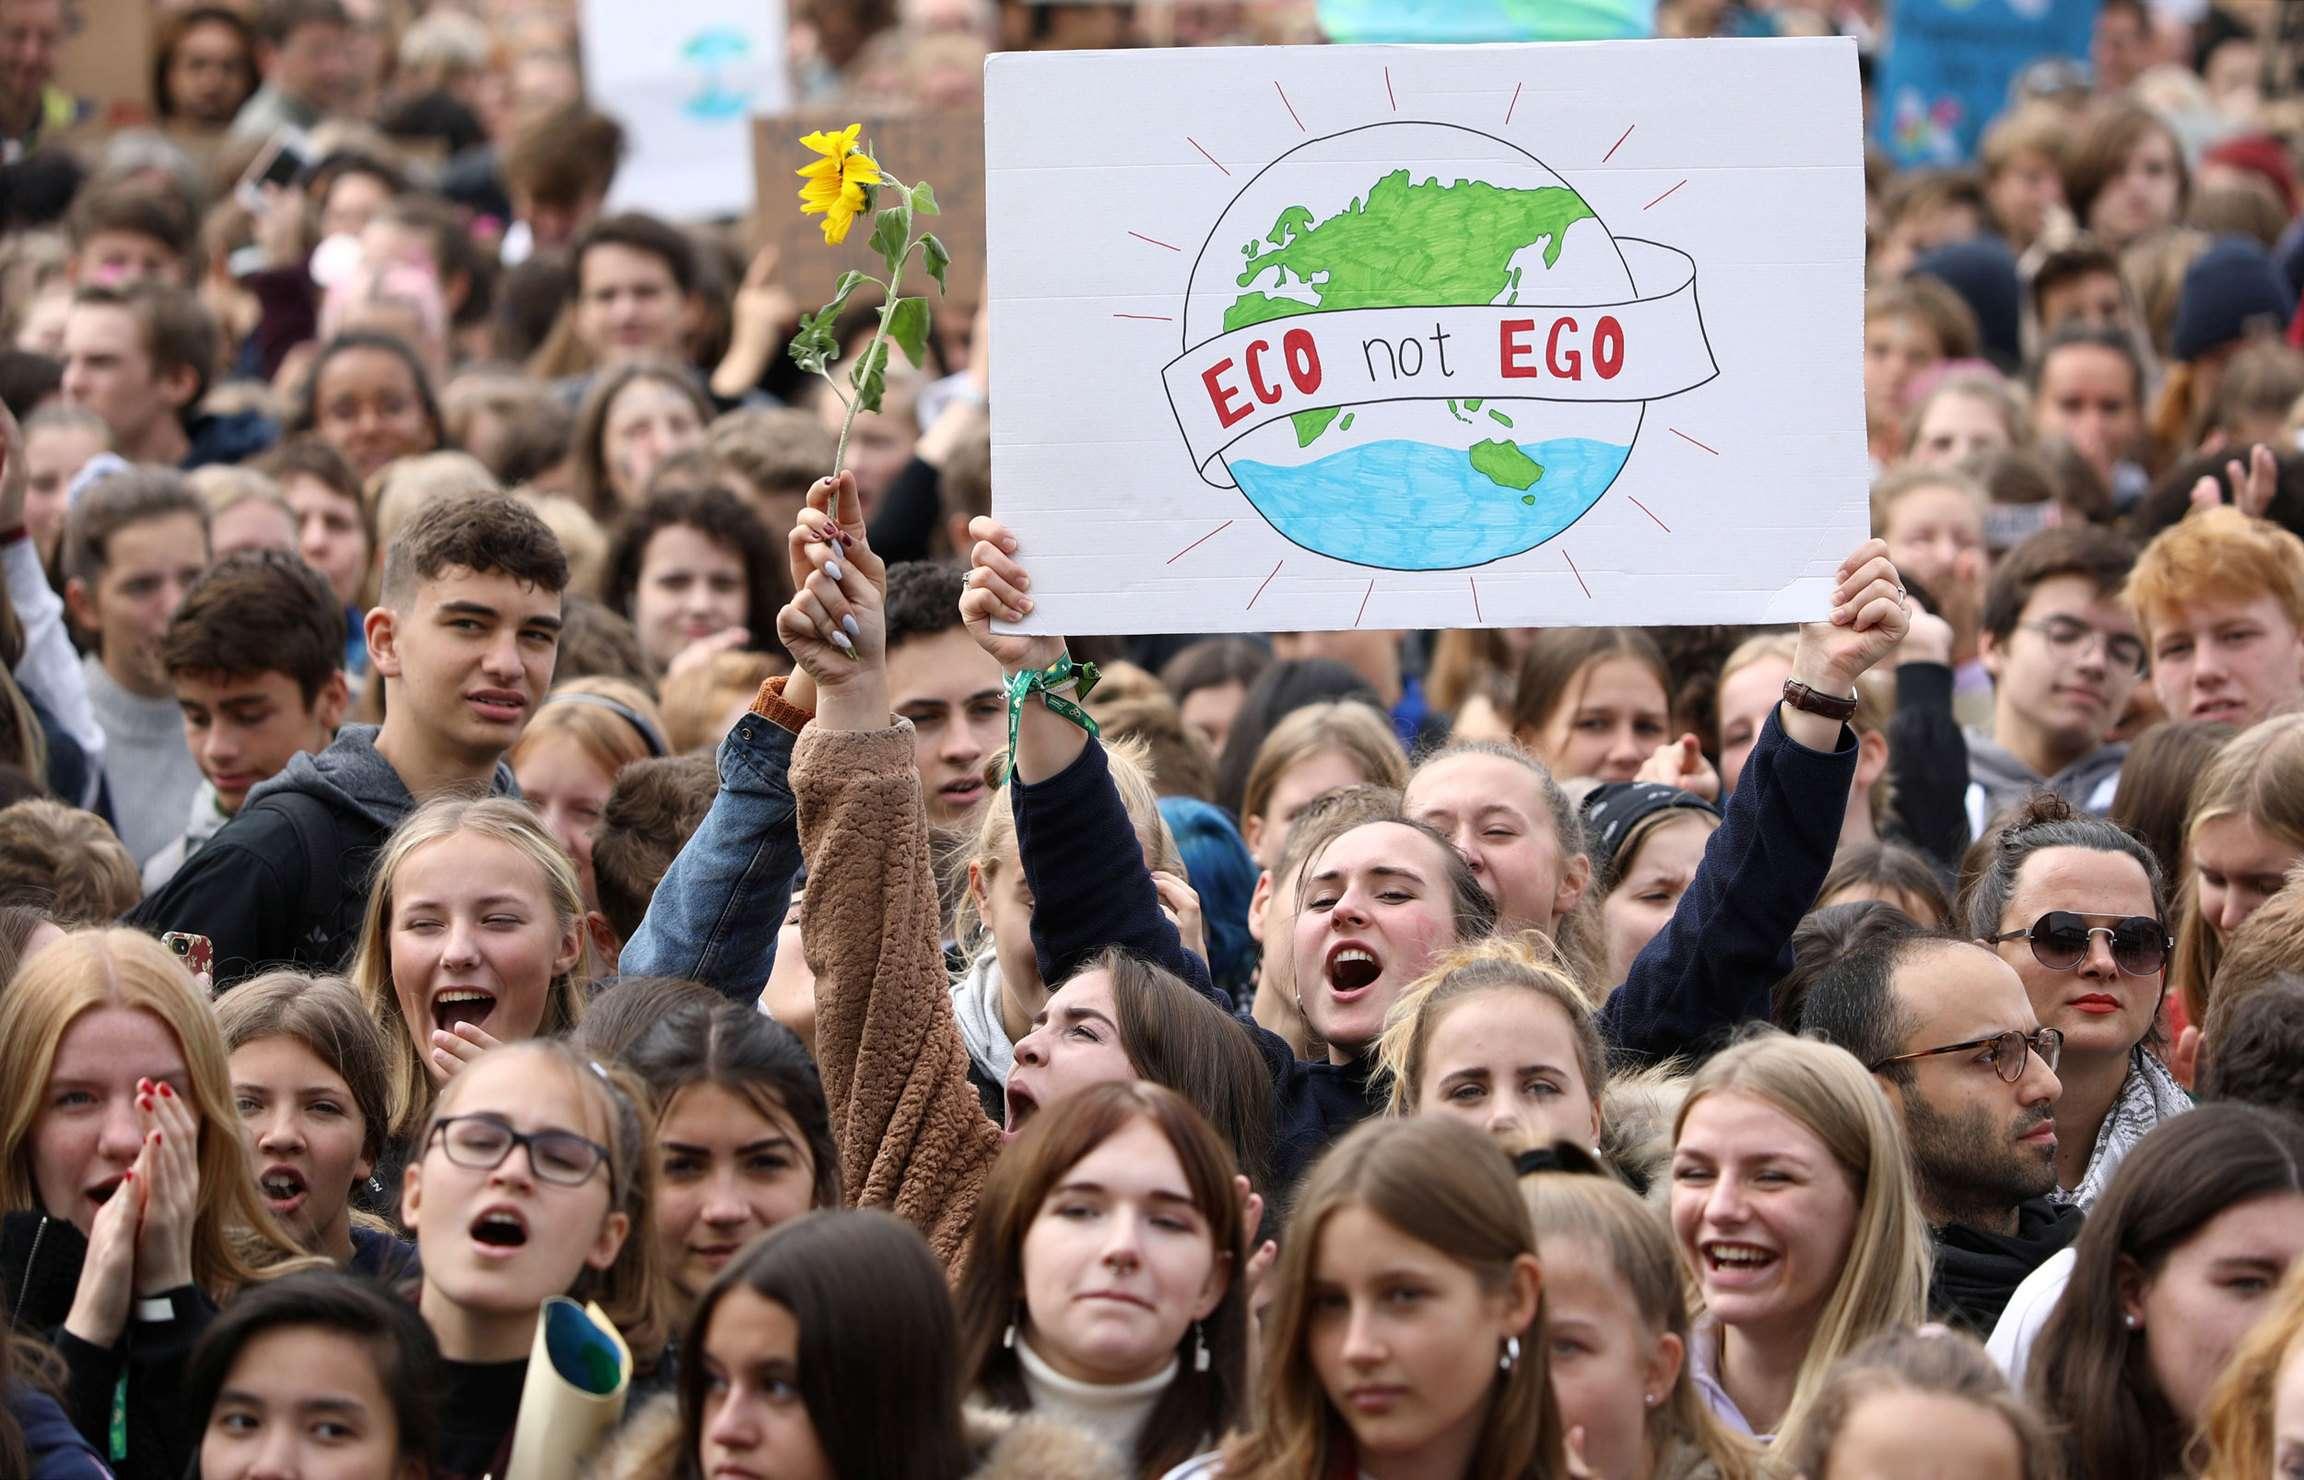 23 प्रतिशत अमरीकी लड़कों की तुलना में 46 प्रतिशत लड़कियों के लिए व्यक्तिगत रूप से जलवायु परिवर्तन अत्यंत महत्वपूर्ण मुद्दा है